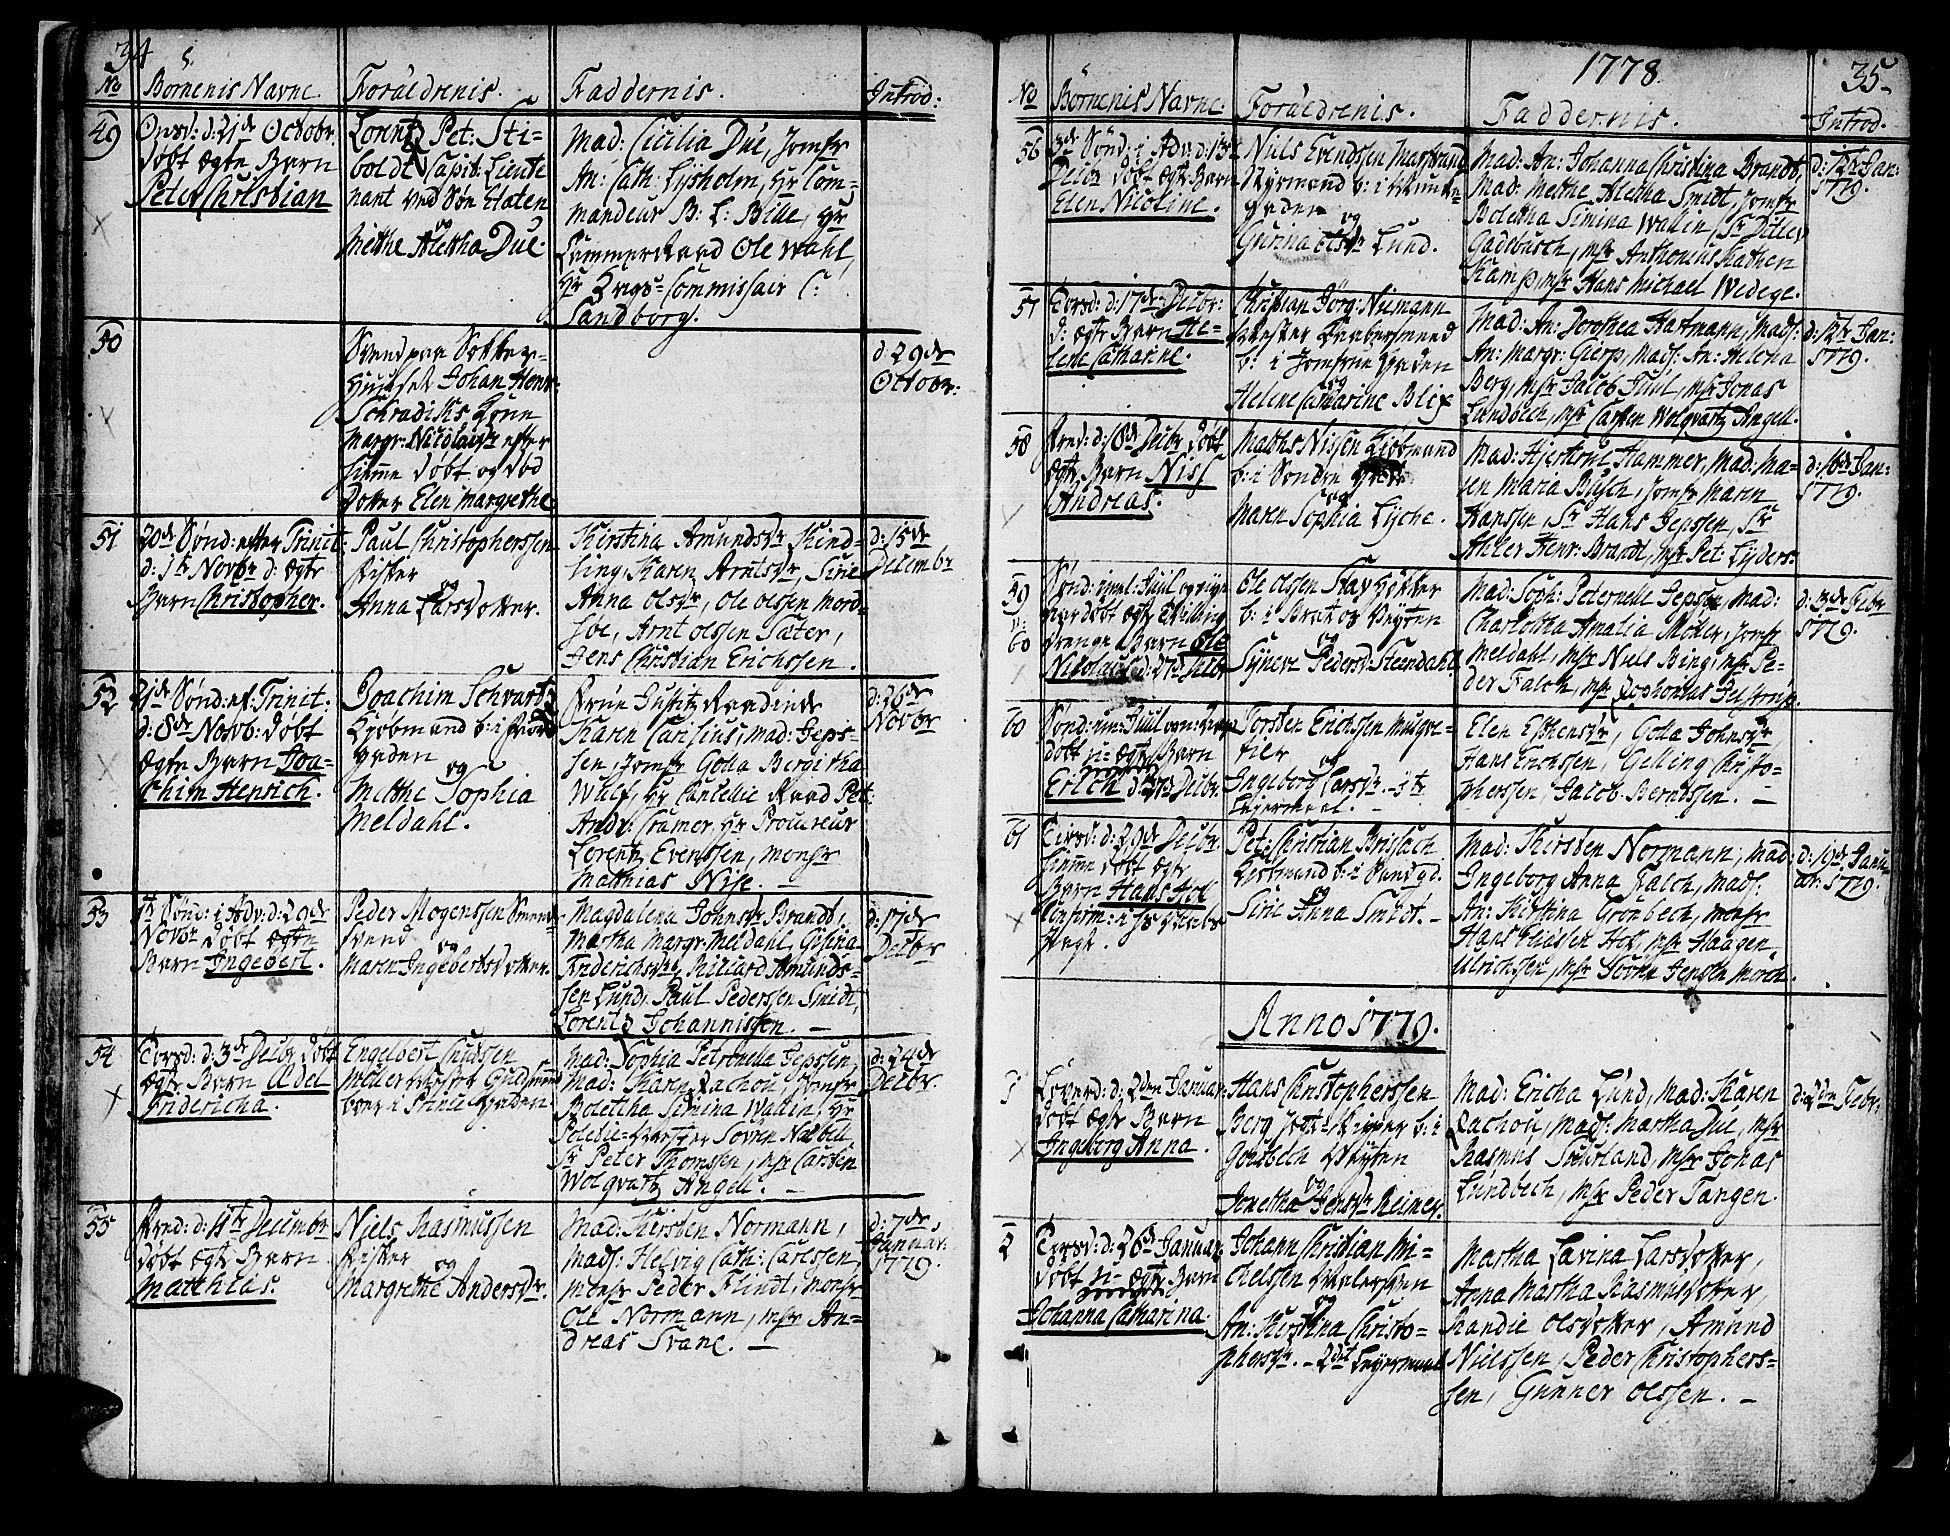 SAT, Ministerialprotokoller, klokkerbøker og fødselsregistre - Sør-Trøndelag, 602/L0104: Ministerialbok nr. 602A02, 1774-1814, s. 34-35